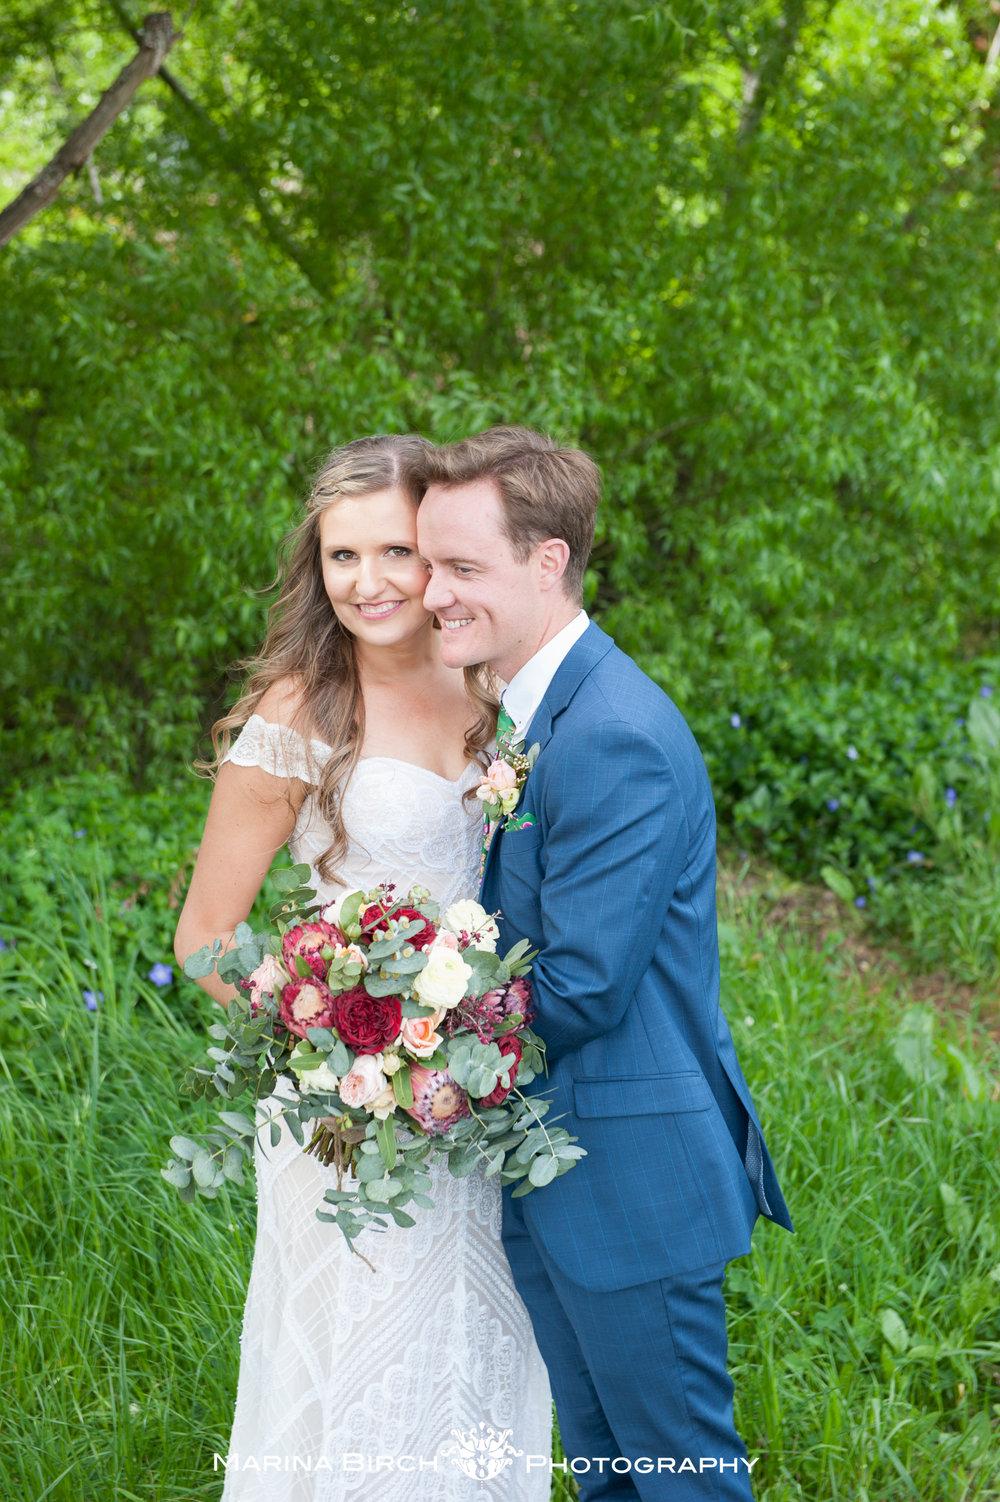 MBP.wedding -25.jpg